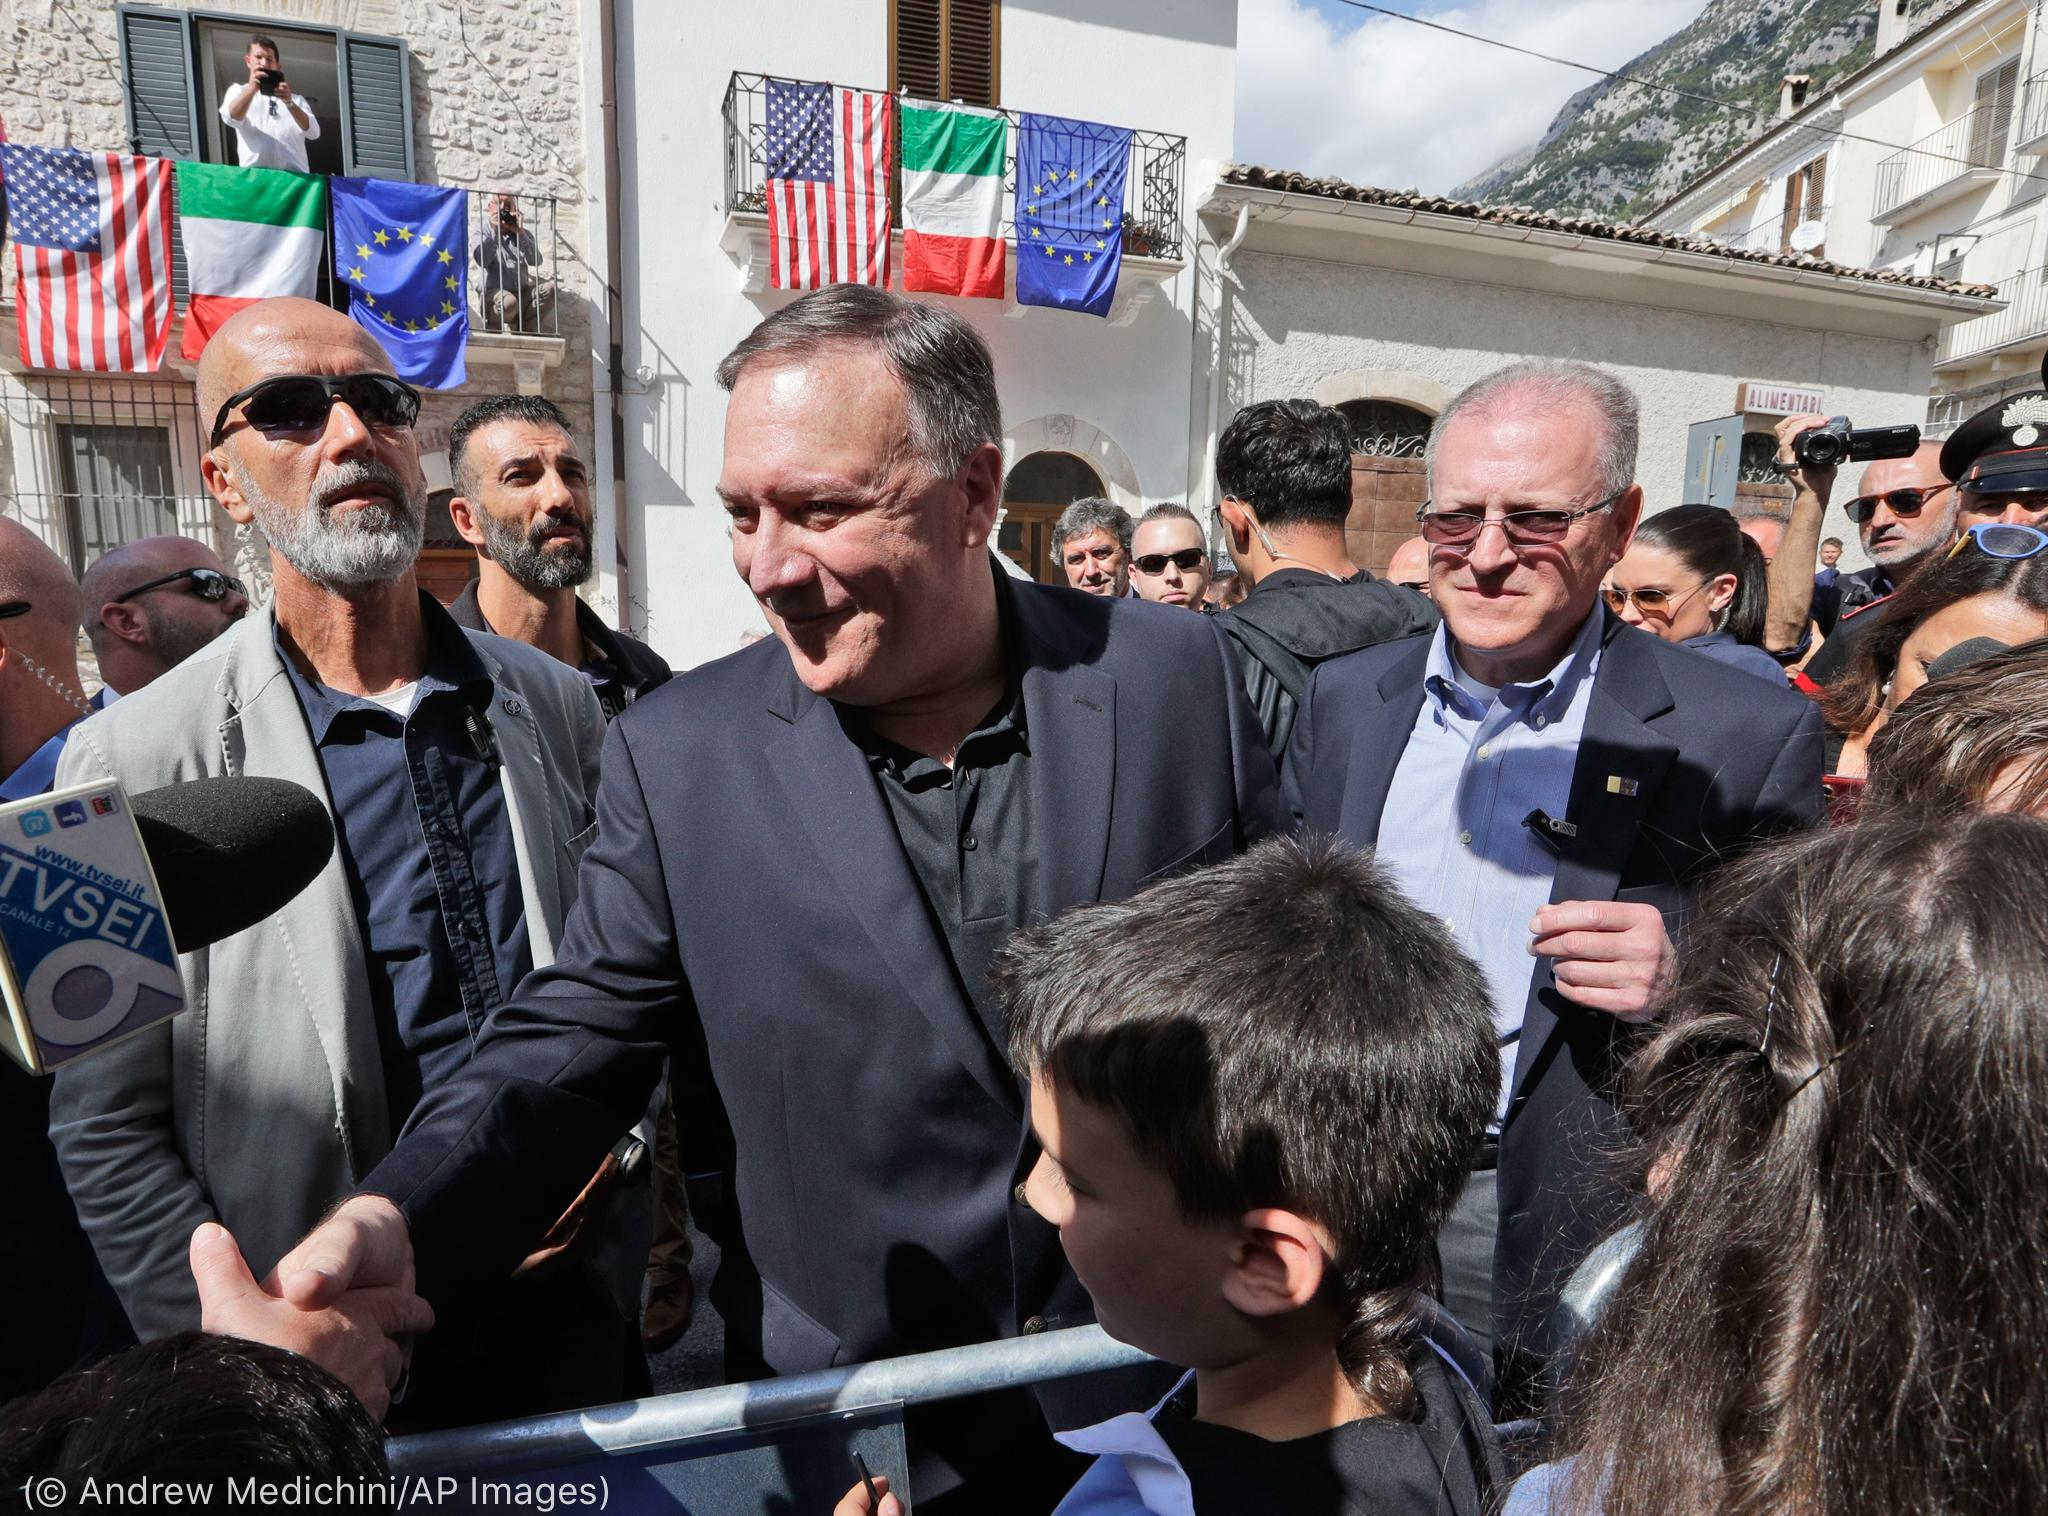 Secretário Pompeo na multidão, apertando as mãos (© Andrew Medichini/AP Images)